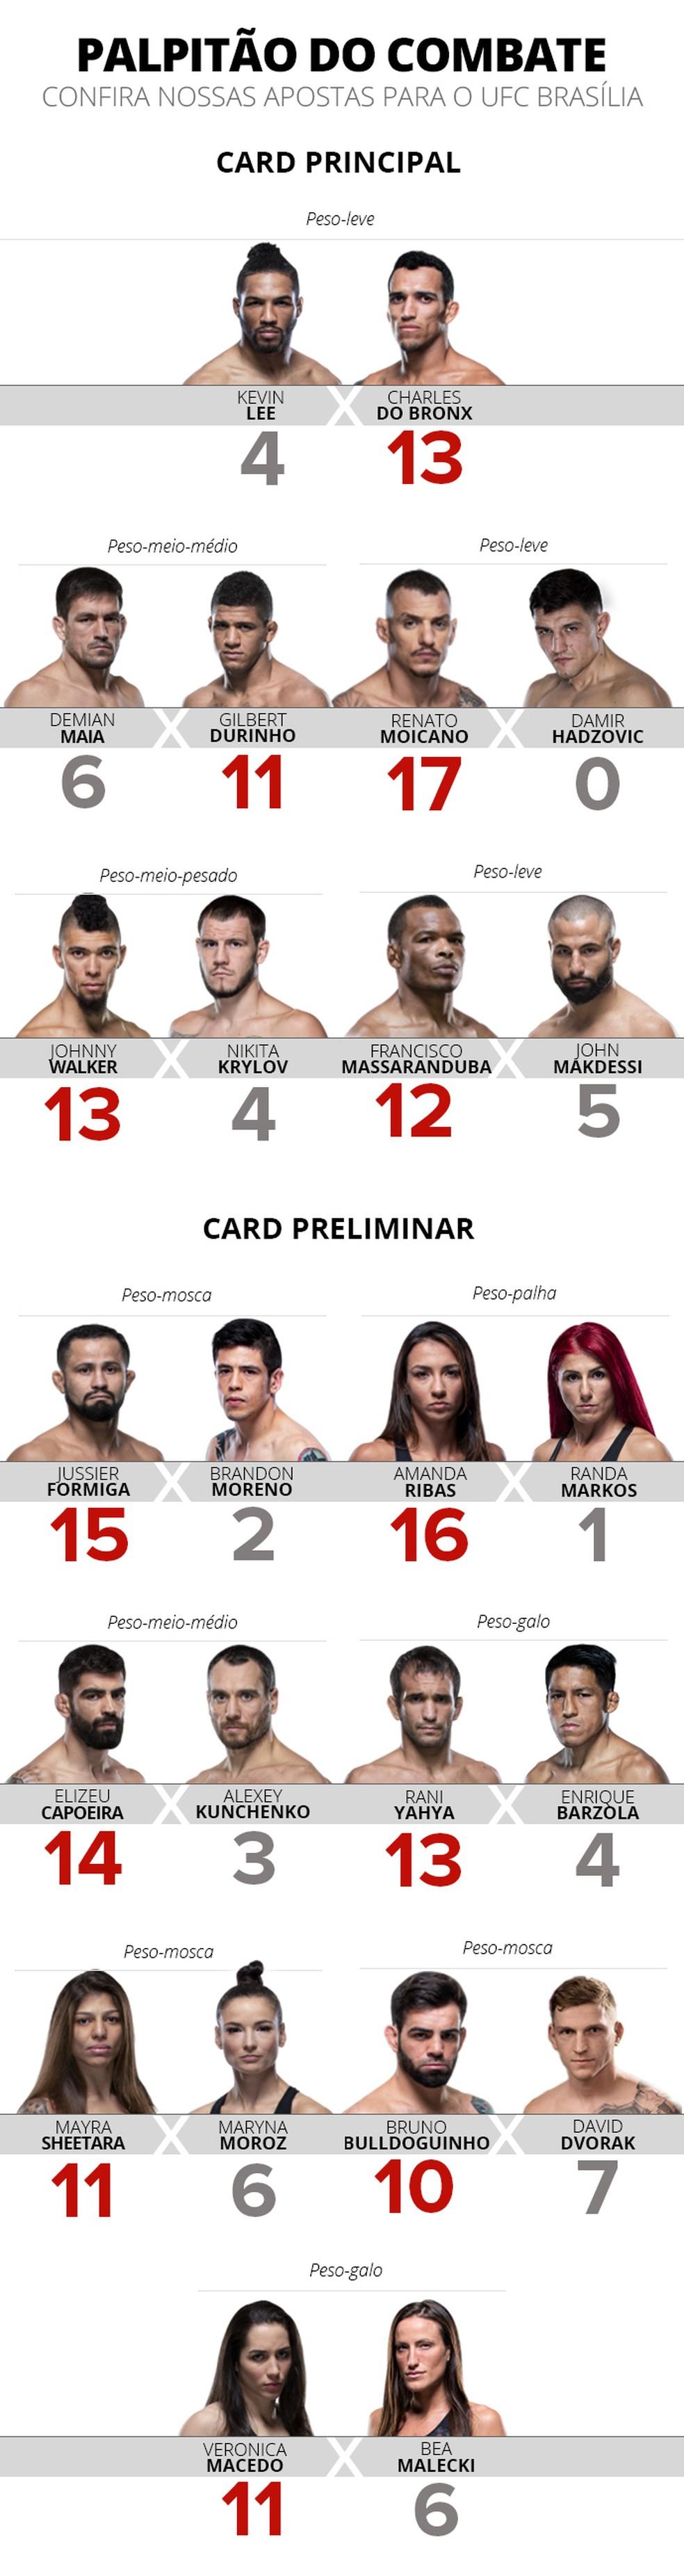 Palpitão do Combate - UFC Brasília — Foto: Infoesporte